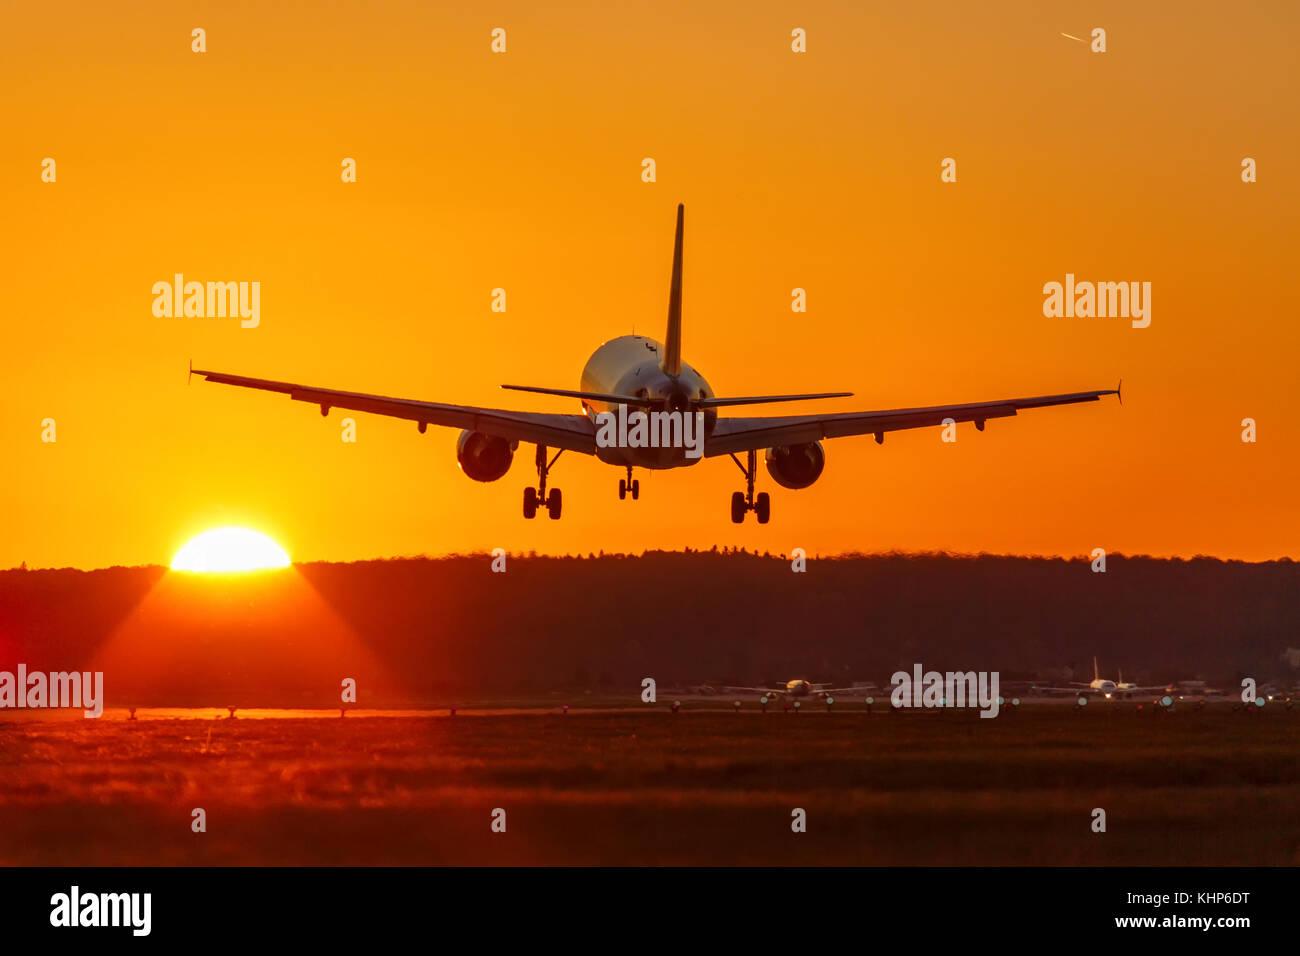 El aterrizaje del avión volando airport sun sunset las vacaciones viajar viajar avión aviones Foto de stock